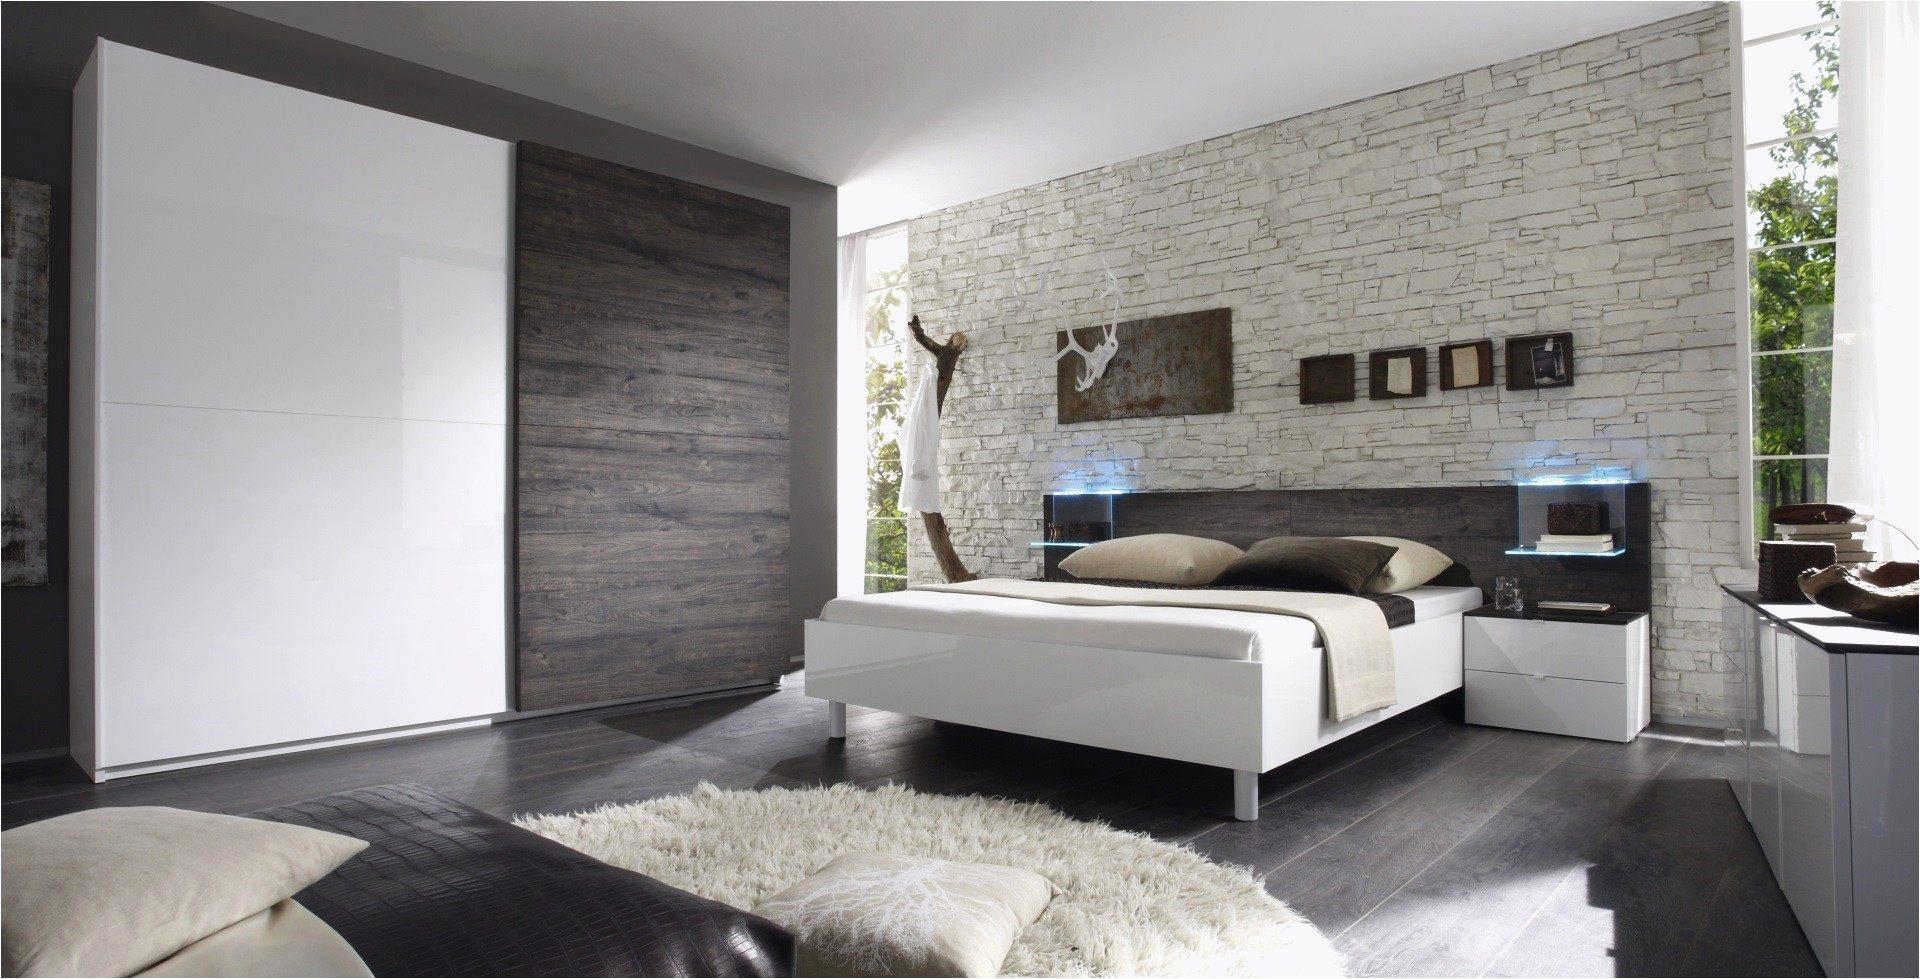 Tete De Lit Blanche 180 Unique Lit Metal Blanc Inspirant Tete De Lit Ikea 180 Fauteuil Salon Ikea